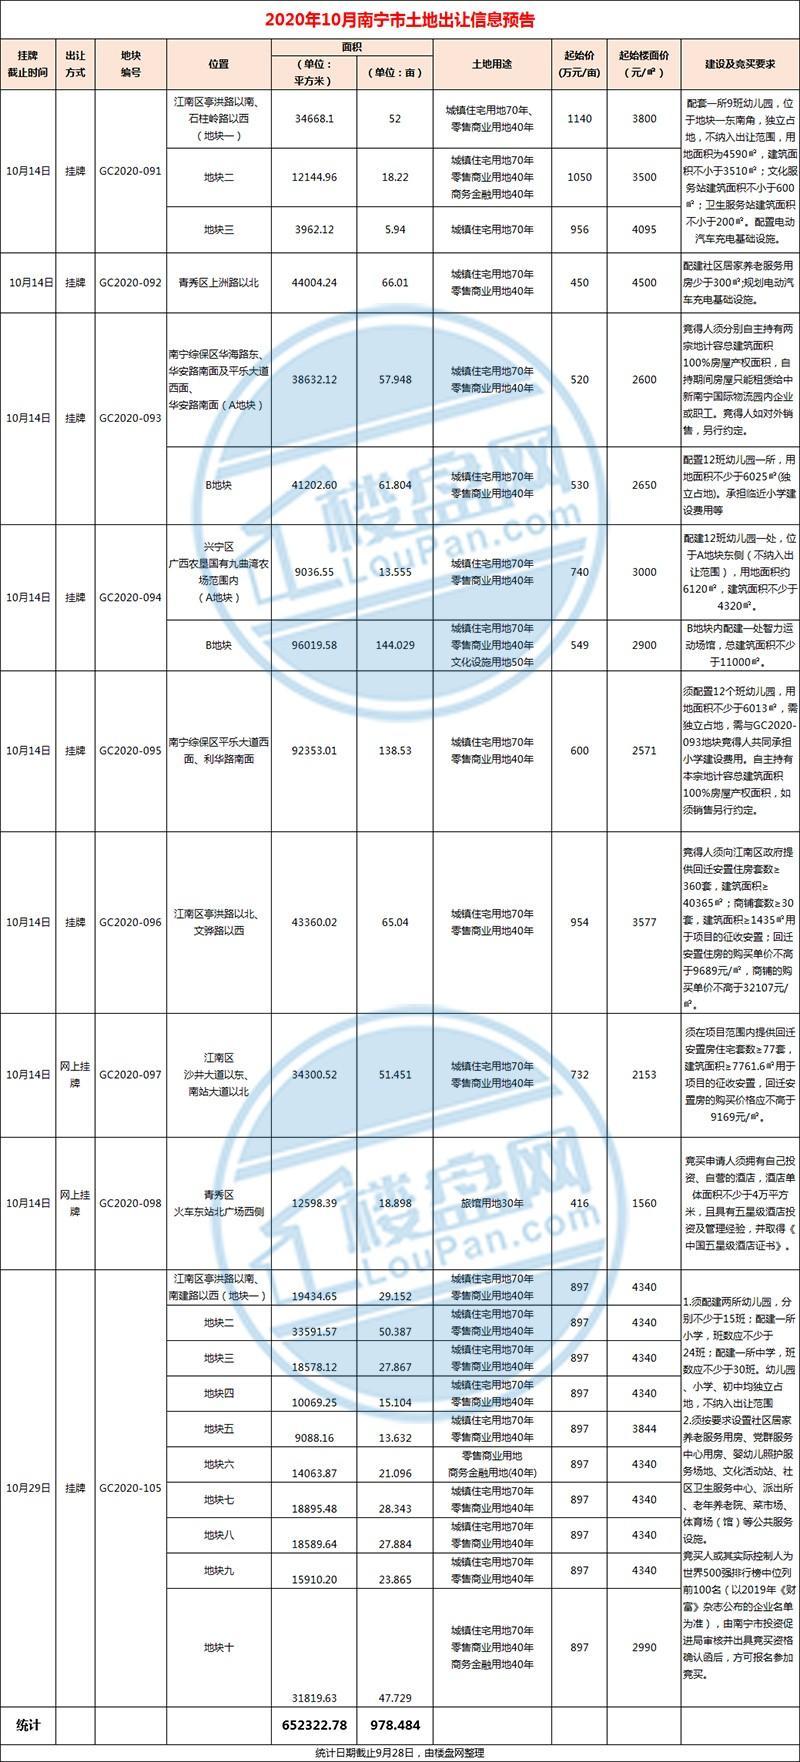 预告 10月南宁土地市场开闸!一天连卖8幅地 南化厂地块指定世界500强企业